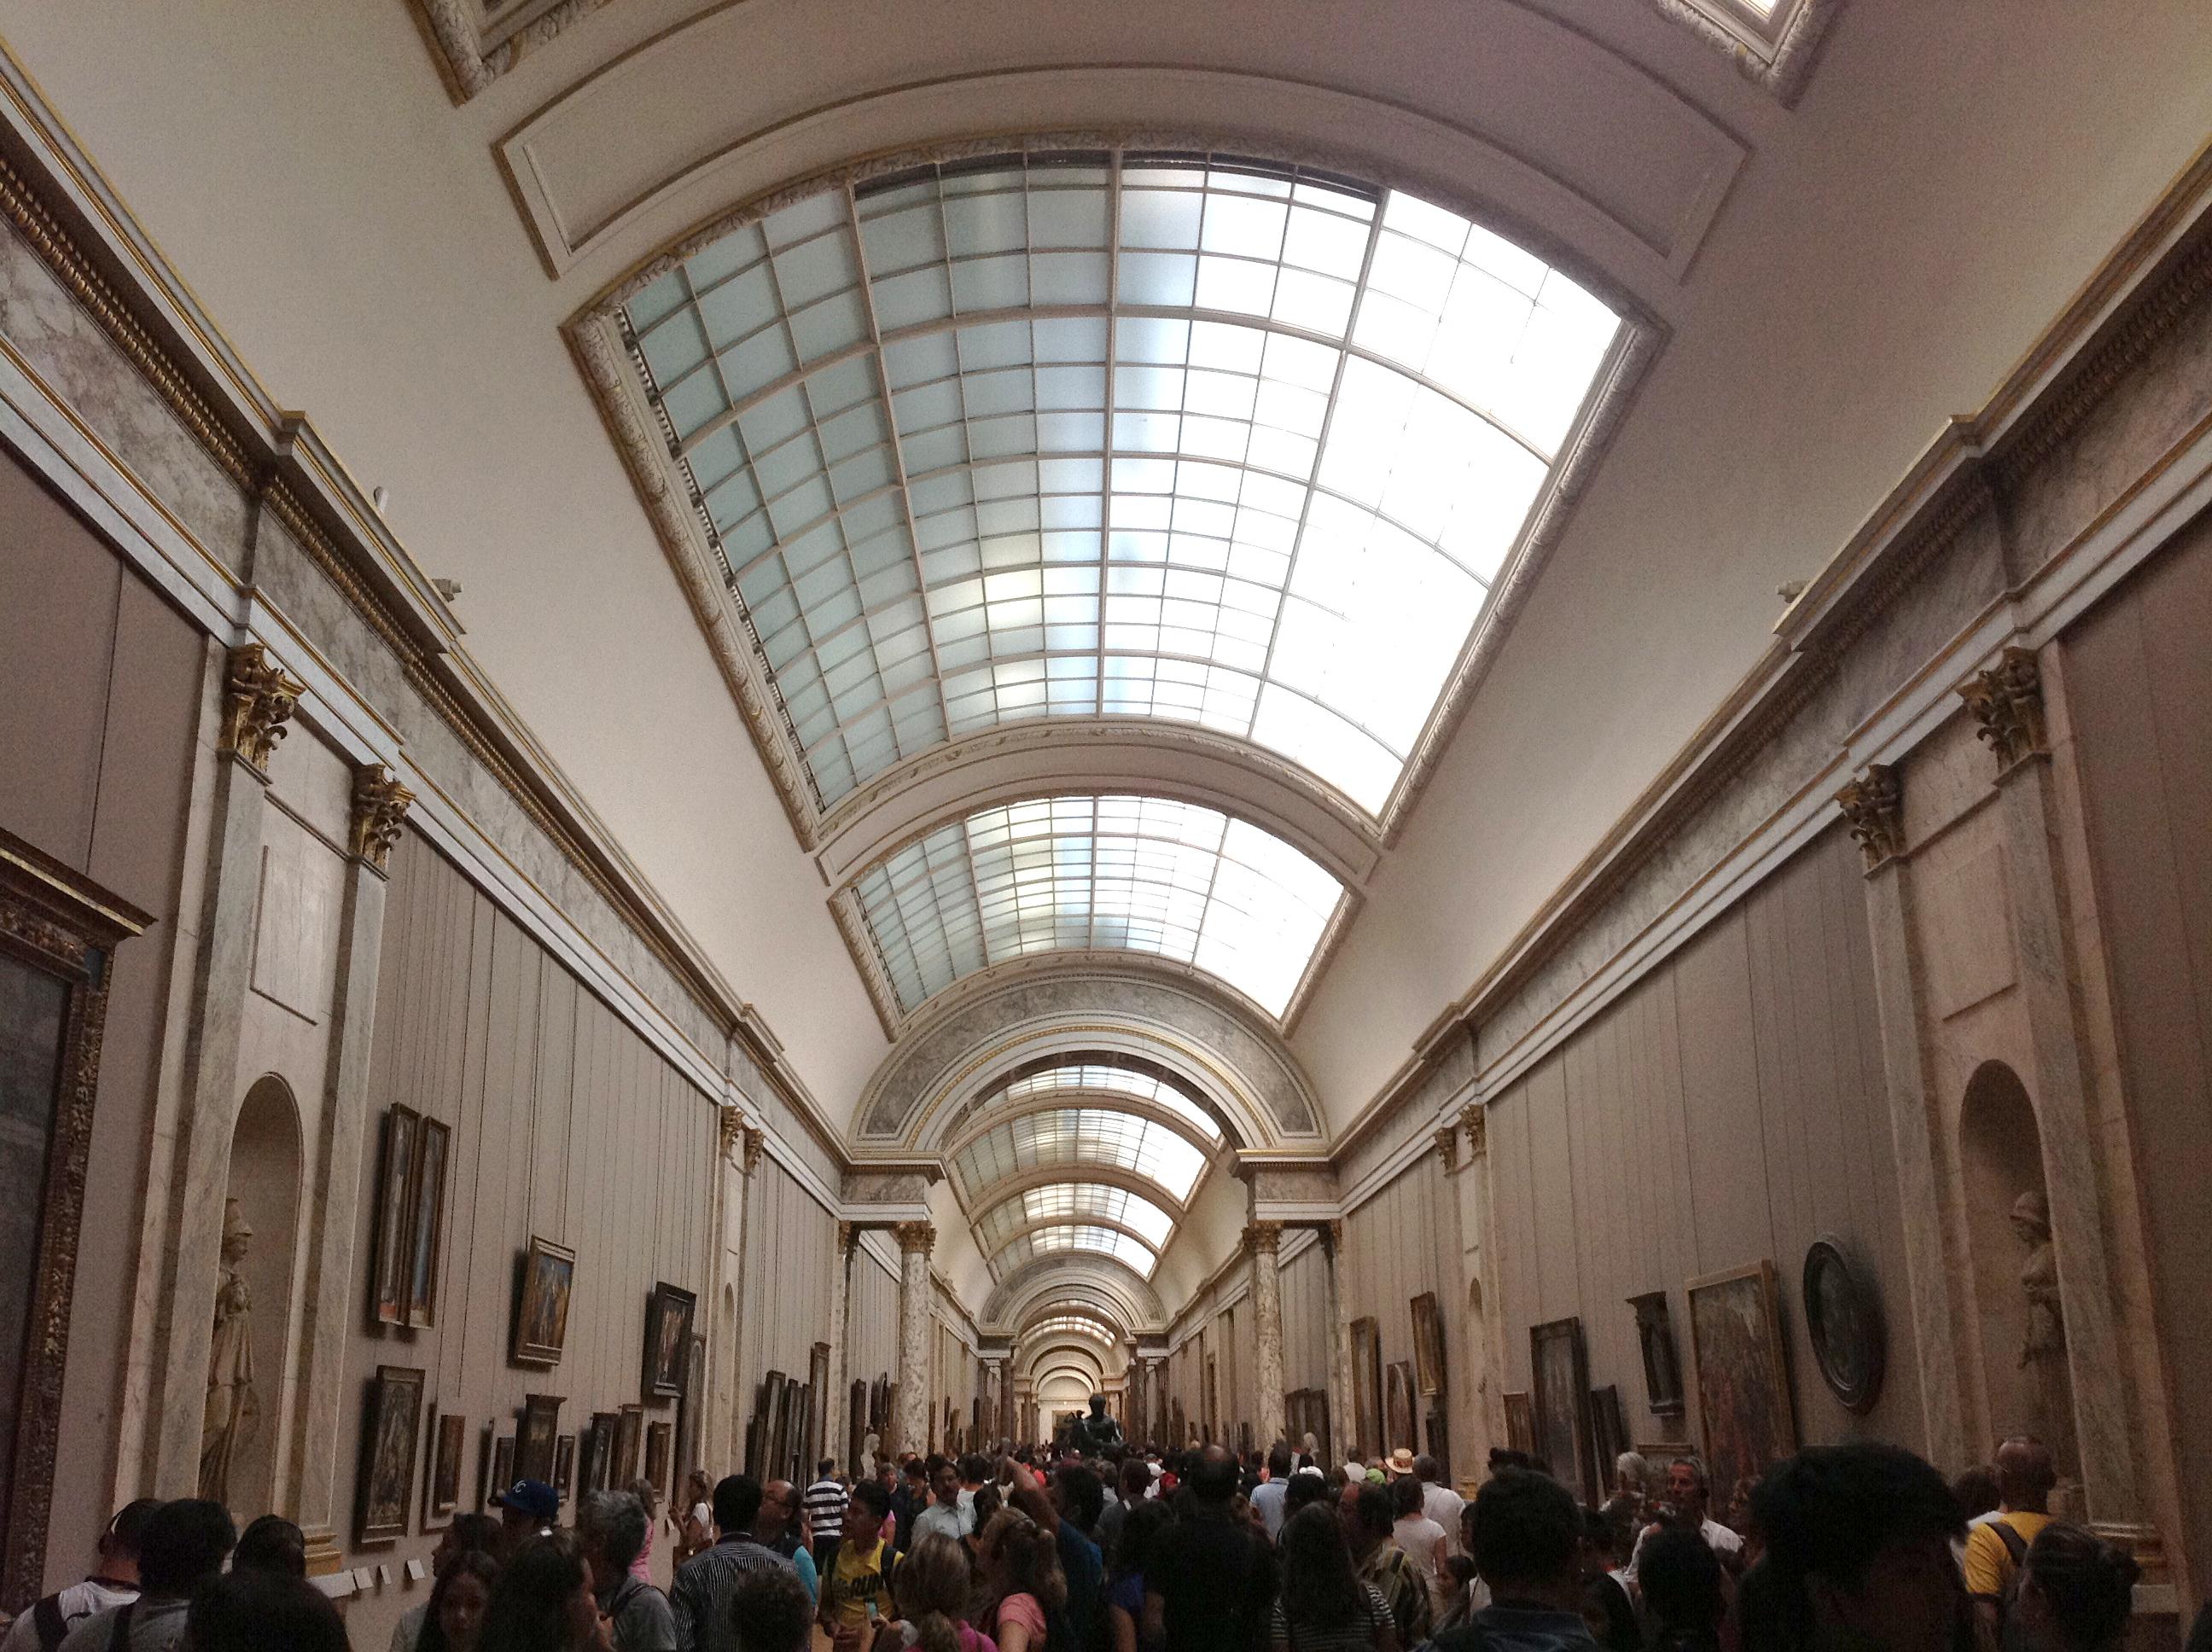 Público na Grande Galeria do Museu do Louvre. Agosto de 2013